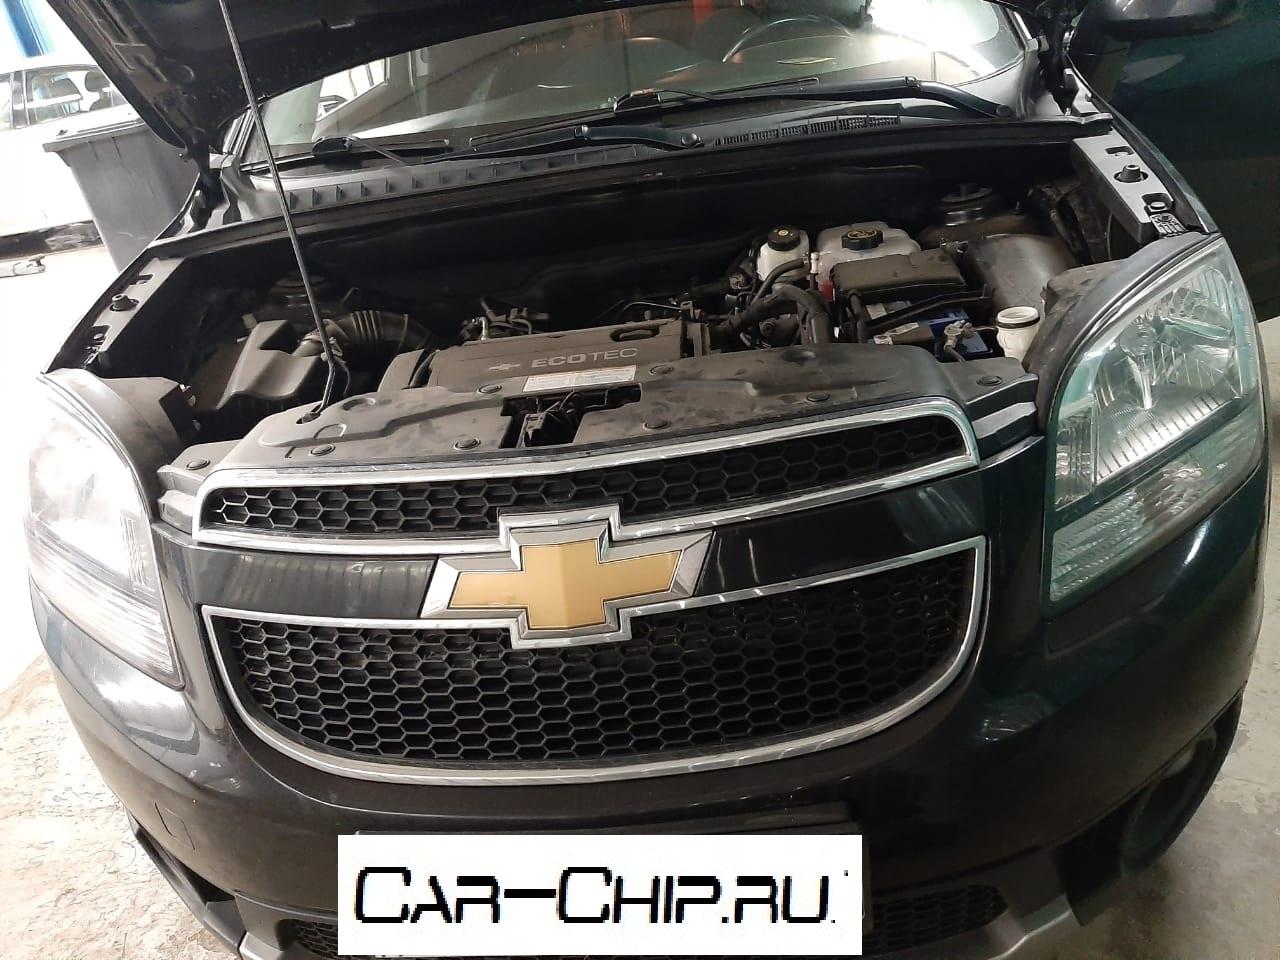 Специалистами компании Car-Chip выполненооптимизация штатного ПО, перевод на евро2Chevrolet Orlando 1.8 140л.с. 2012 г.в., использовалась программа от НПО АДАКТ.